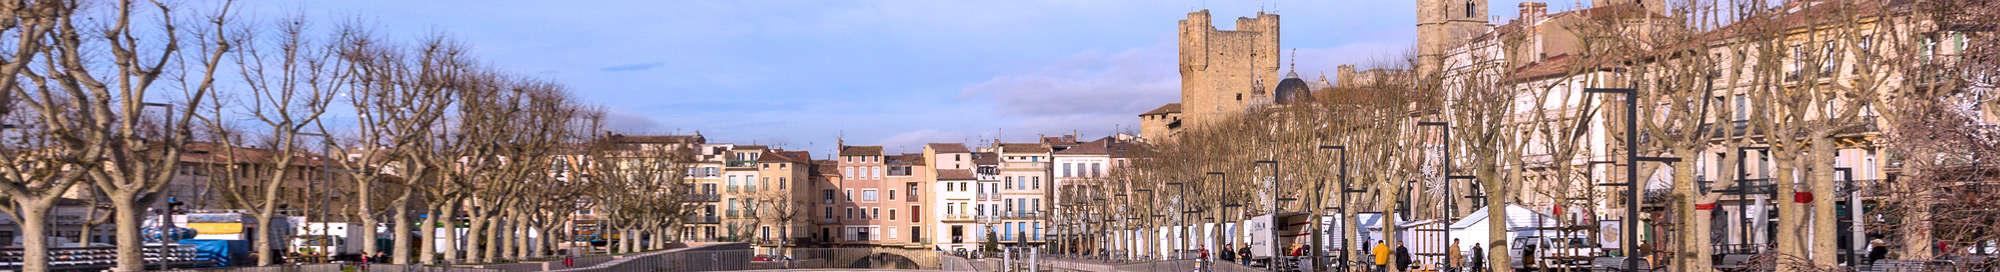 Week-end et séjour à Narbonne